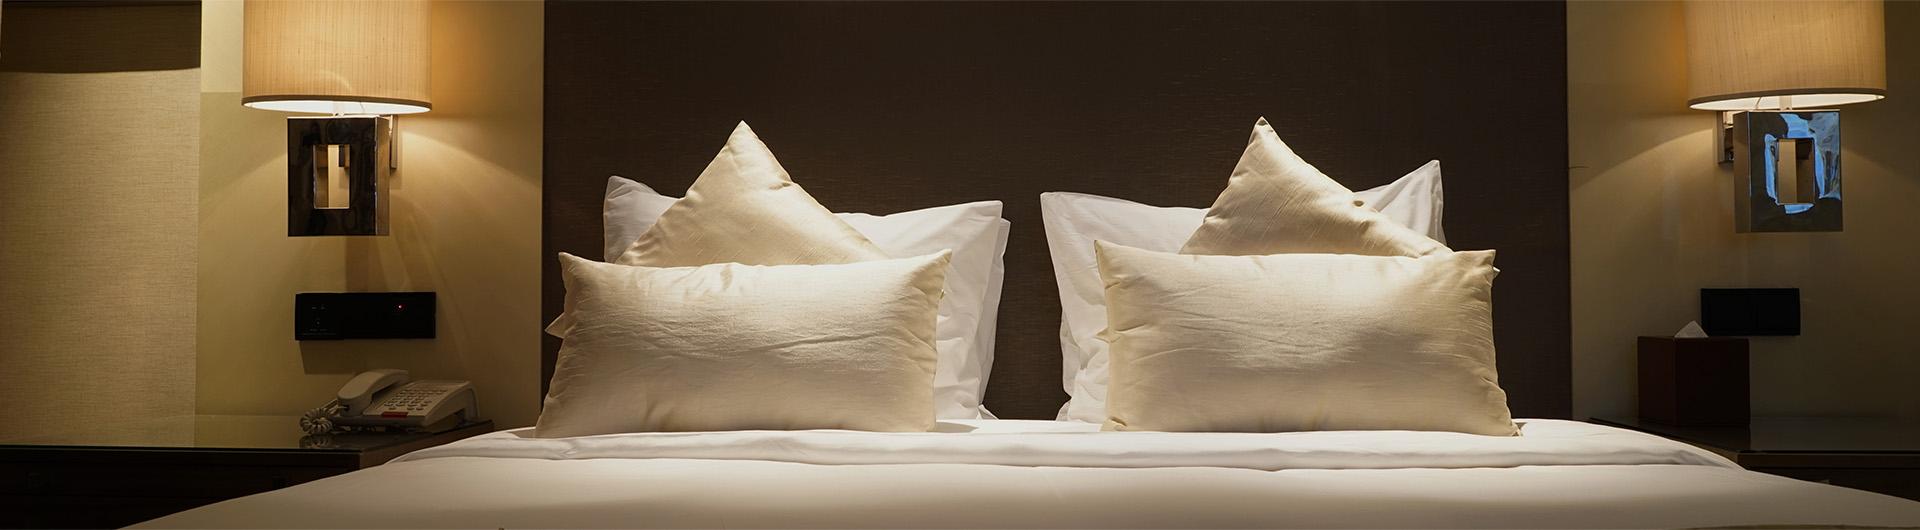 Dove dormire a Sacile - Tutte le strutture di ospitalità